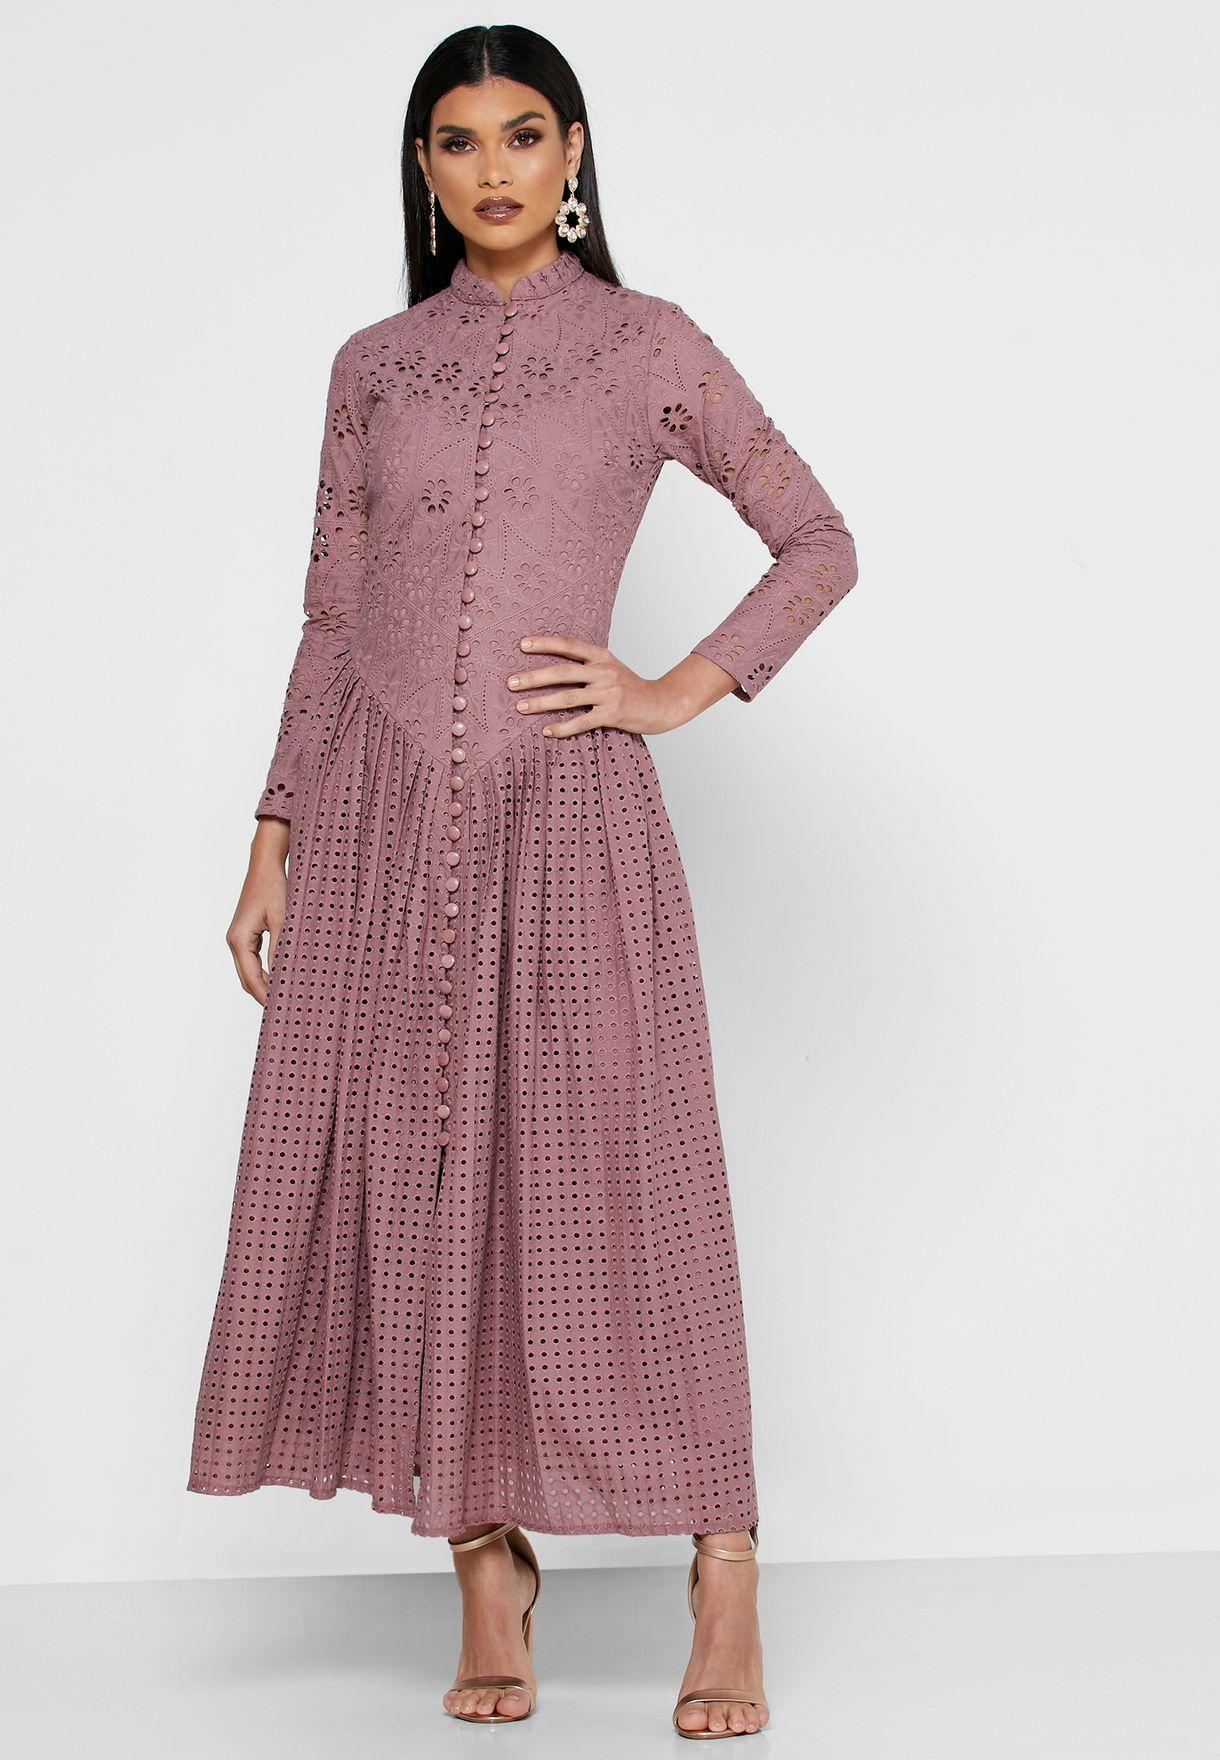 فستان بتداخلات شفافة وازرار